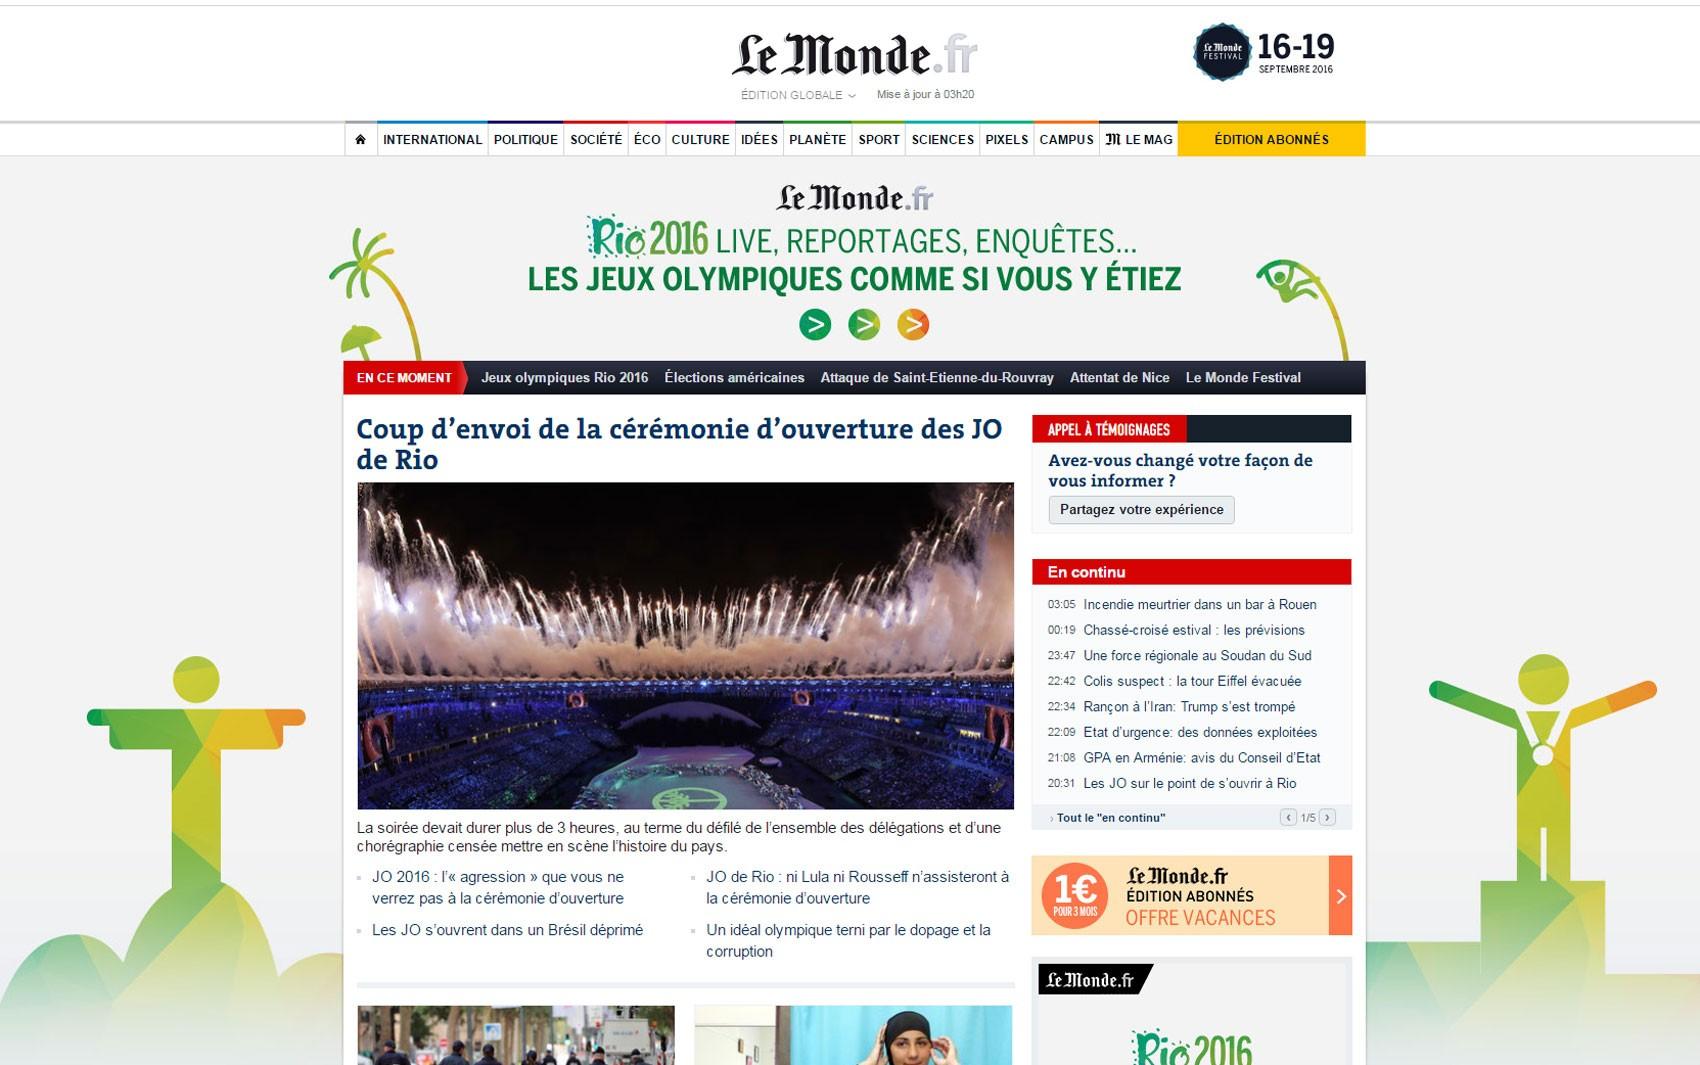 'Le Monde' também deu destaque à cerimônia de abertura da Olimpíada do Rio